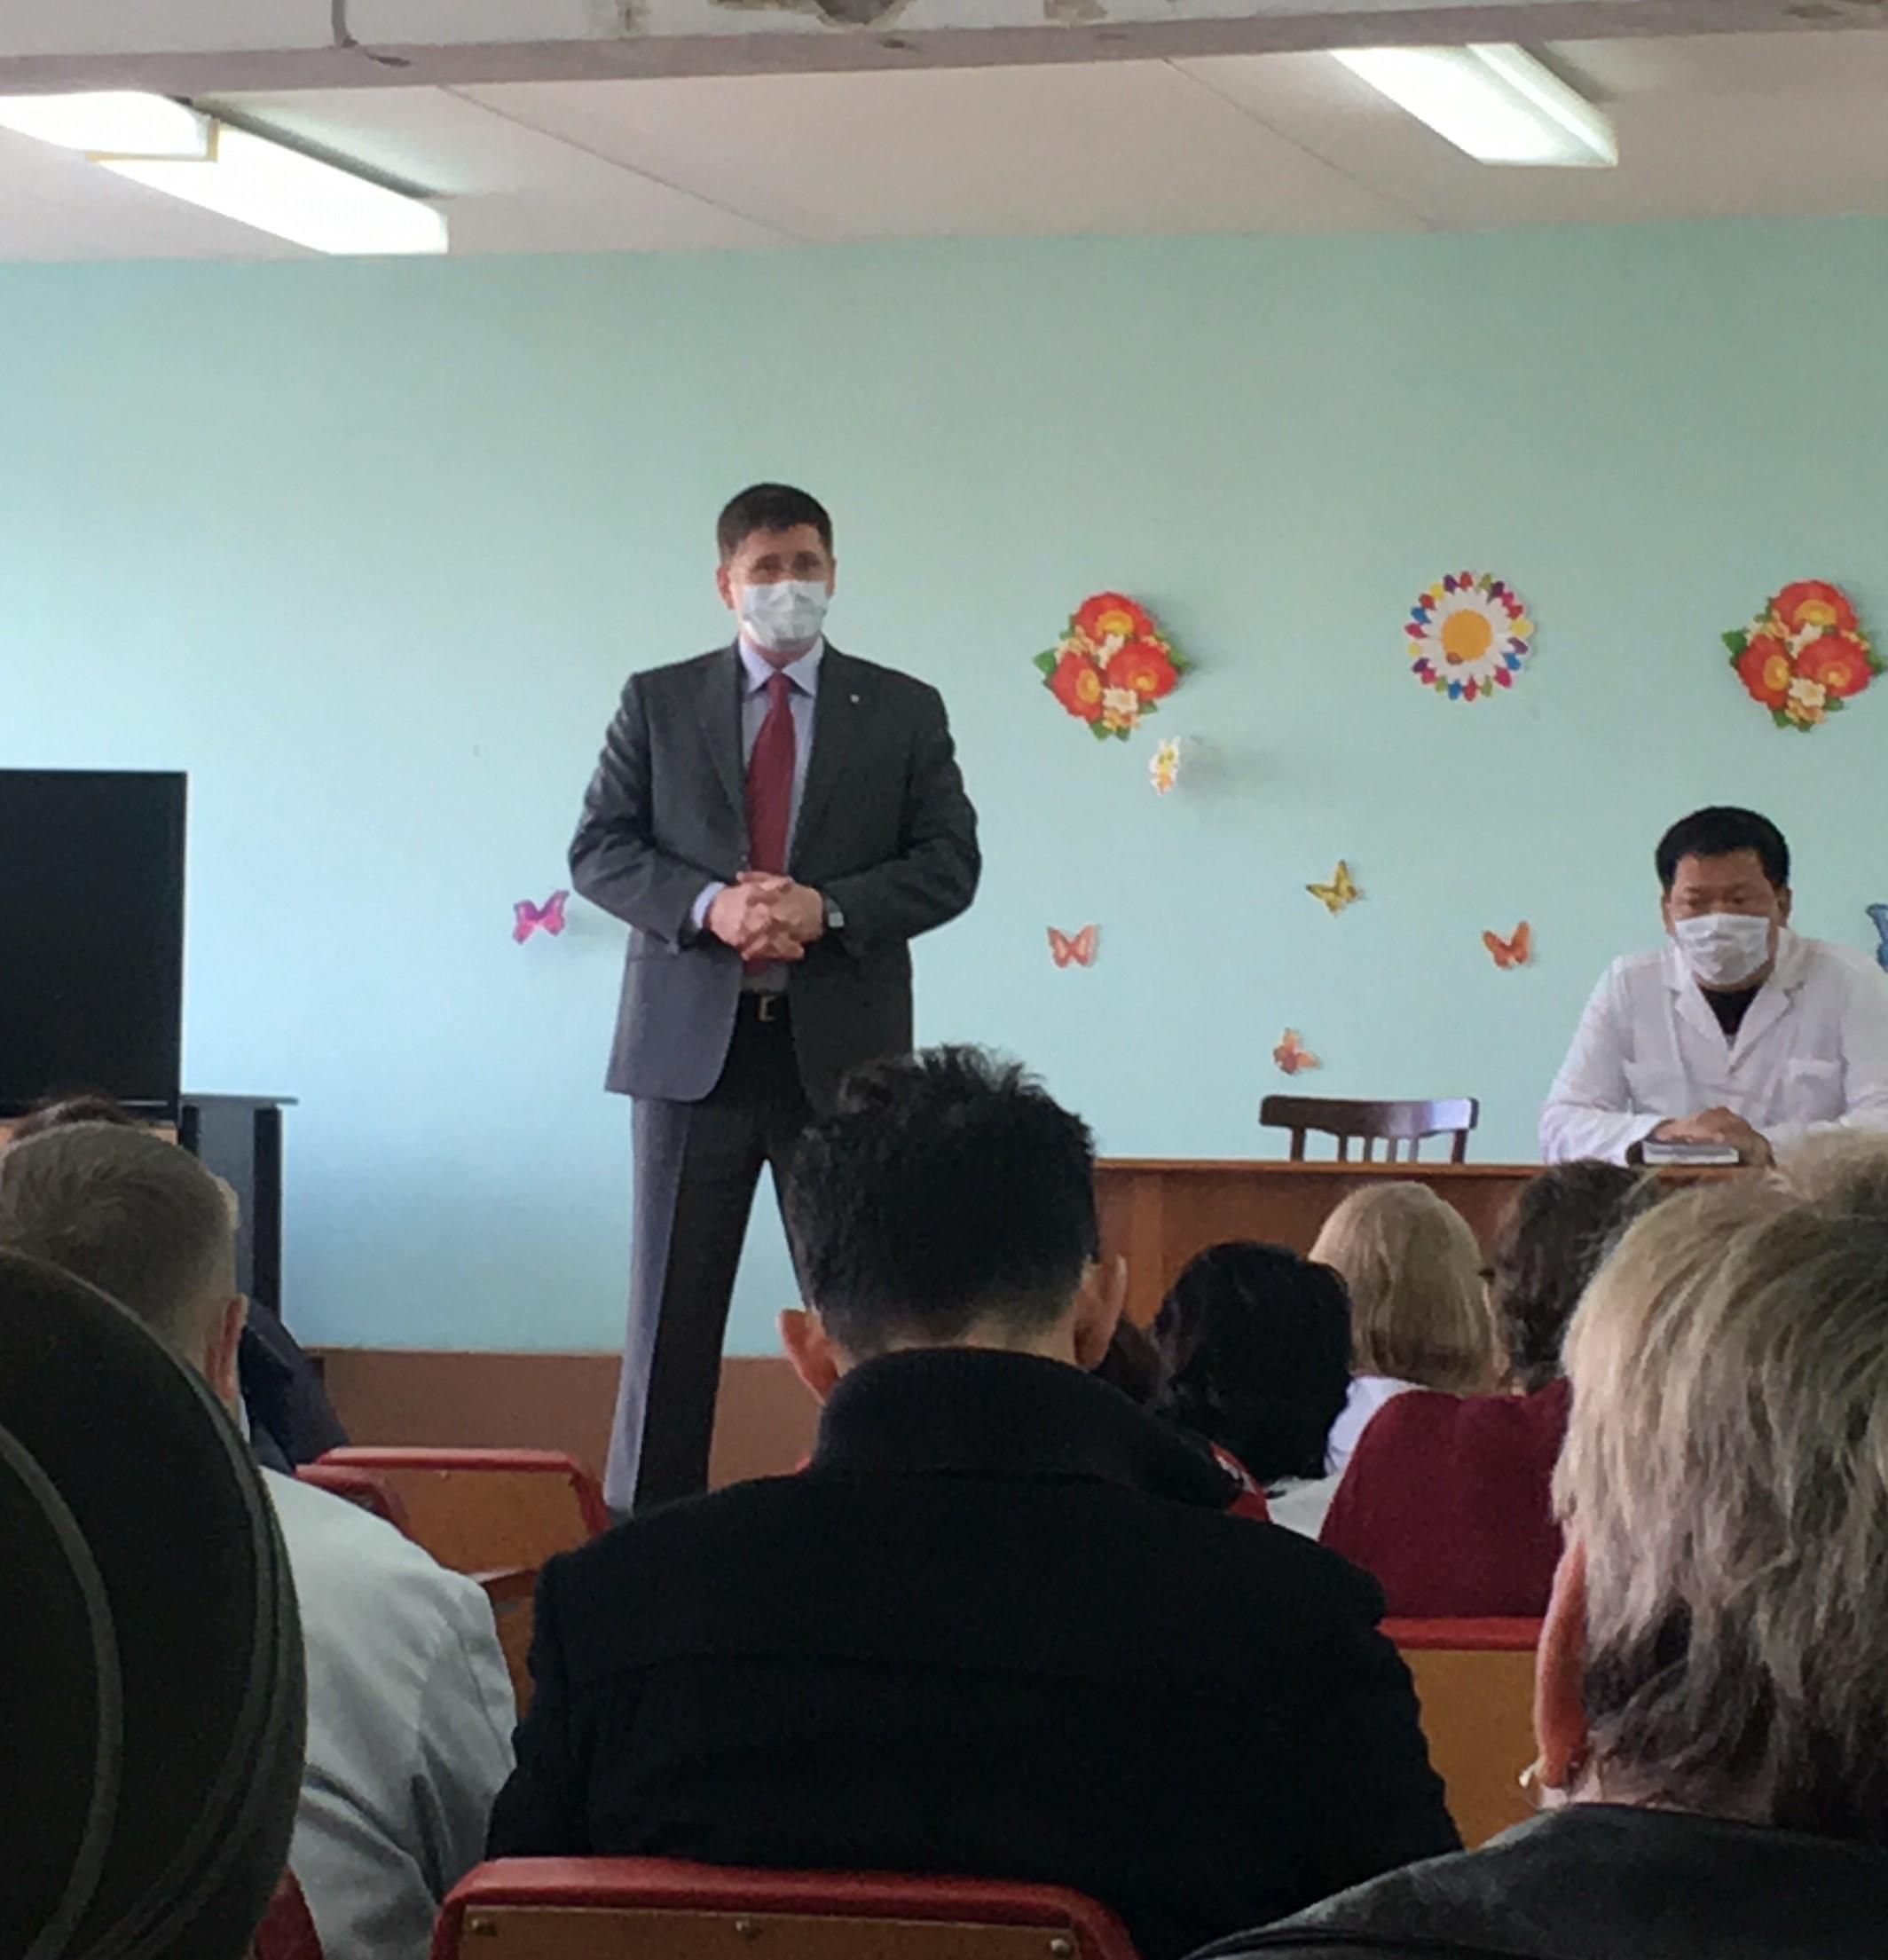 Глава Березовского городского округа выступил с обращением к сотрудникам Березовской ЦГБ